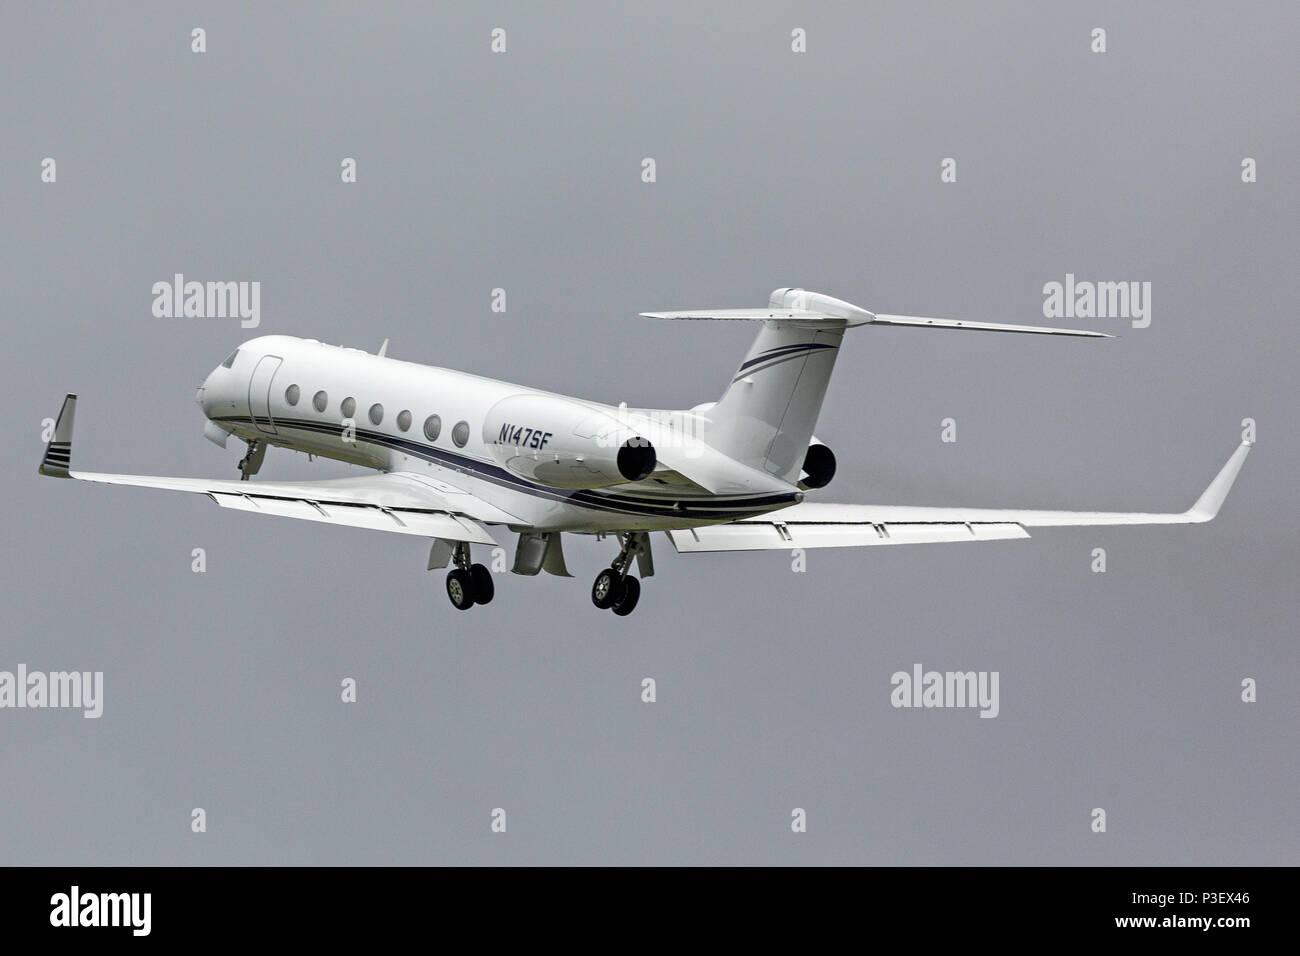 Un Gulfstream Aerospace GV-SP G550 Corporate Business Jet, registrati come N147SF, decollo dall'Aeroporto London Luton in Inghilterra. Immagini Stock